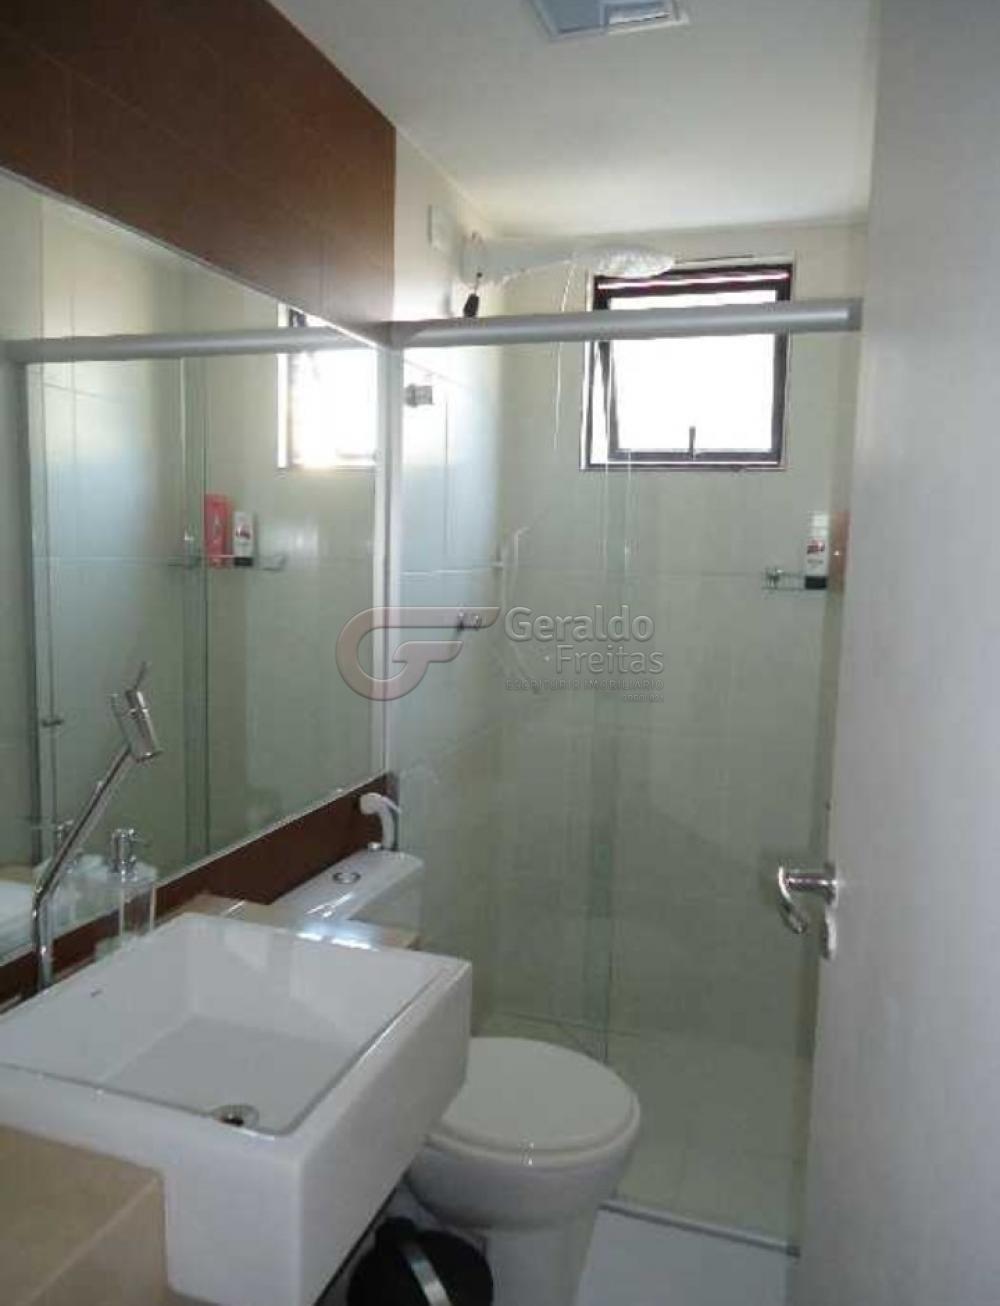 Comprar Apartamentos / Padrão em Maceió apenas R$ 320.000,00 - Foto 8